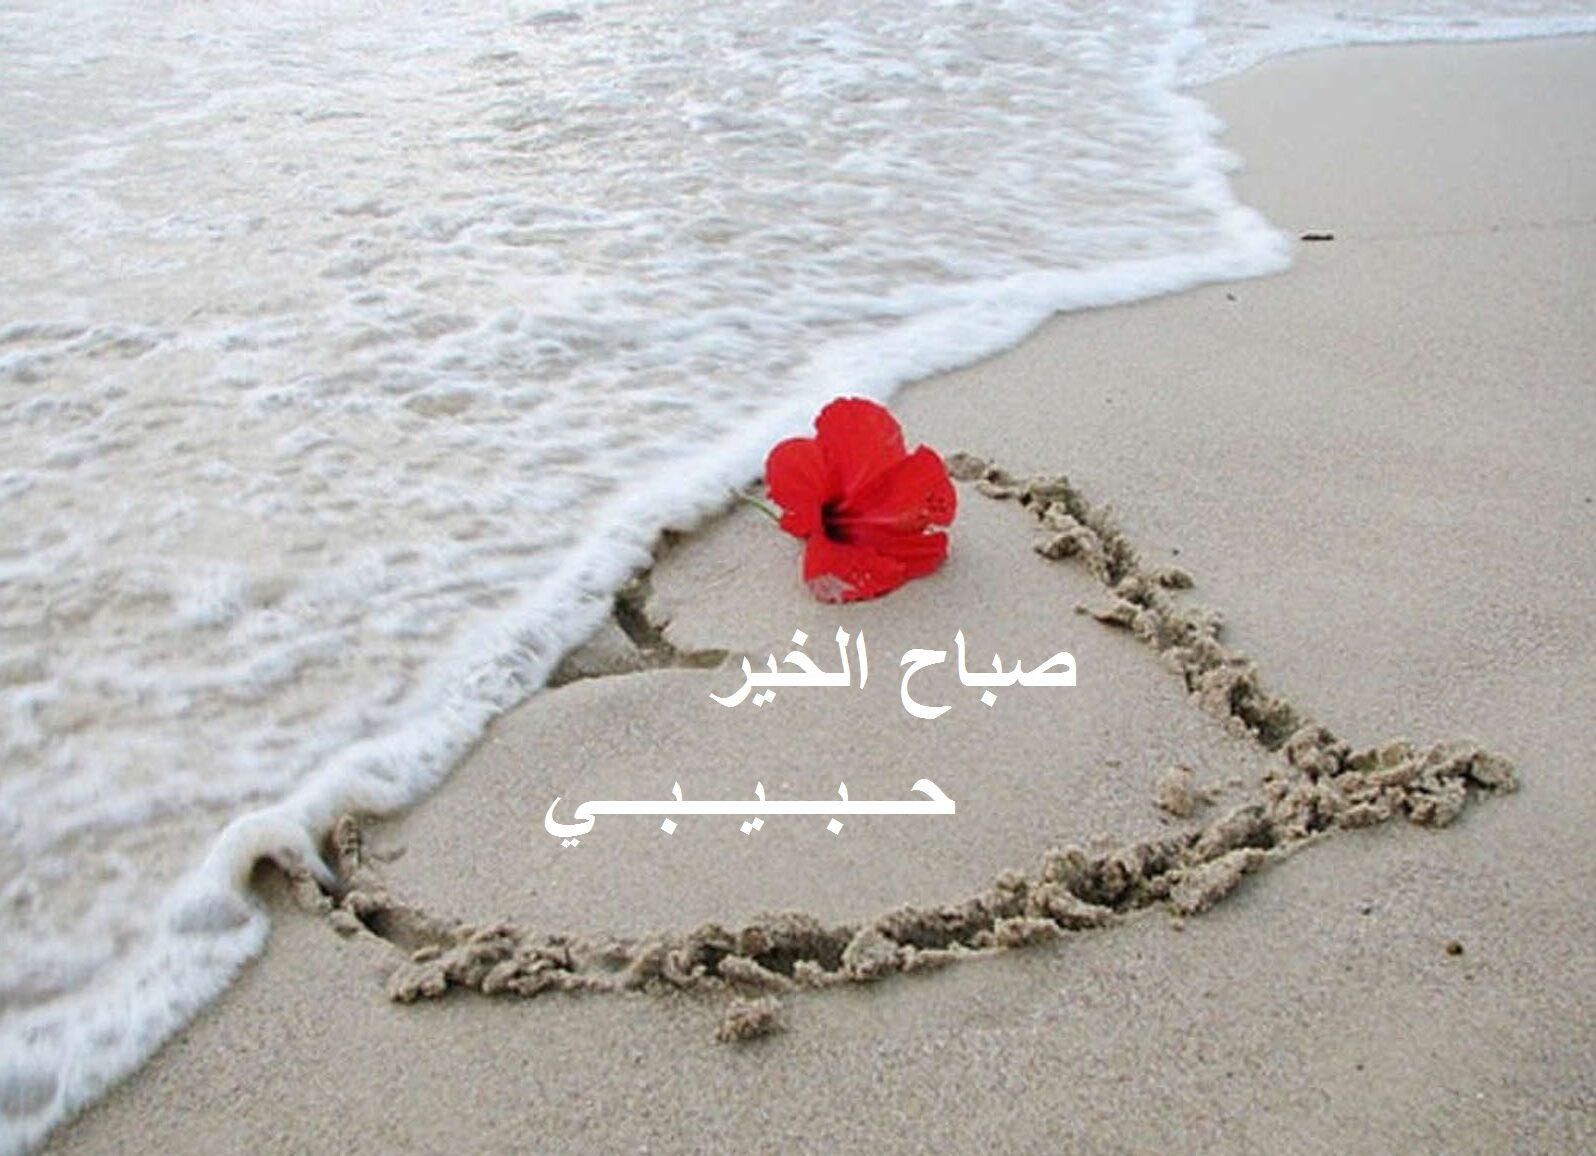 قلب مرسوم على شاطئ و مكتوب فيه صبياح الخير حبيبي.